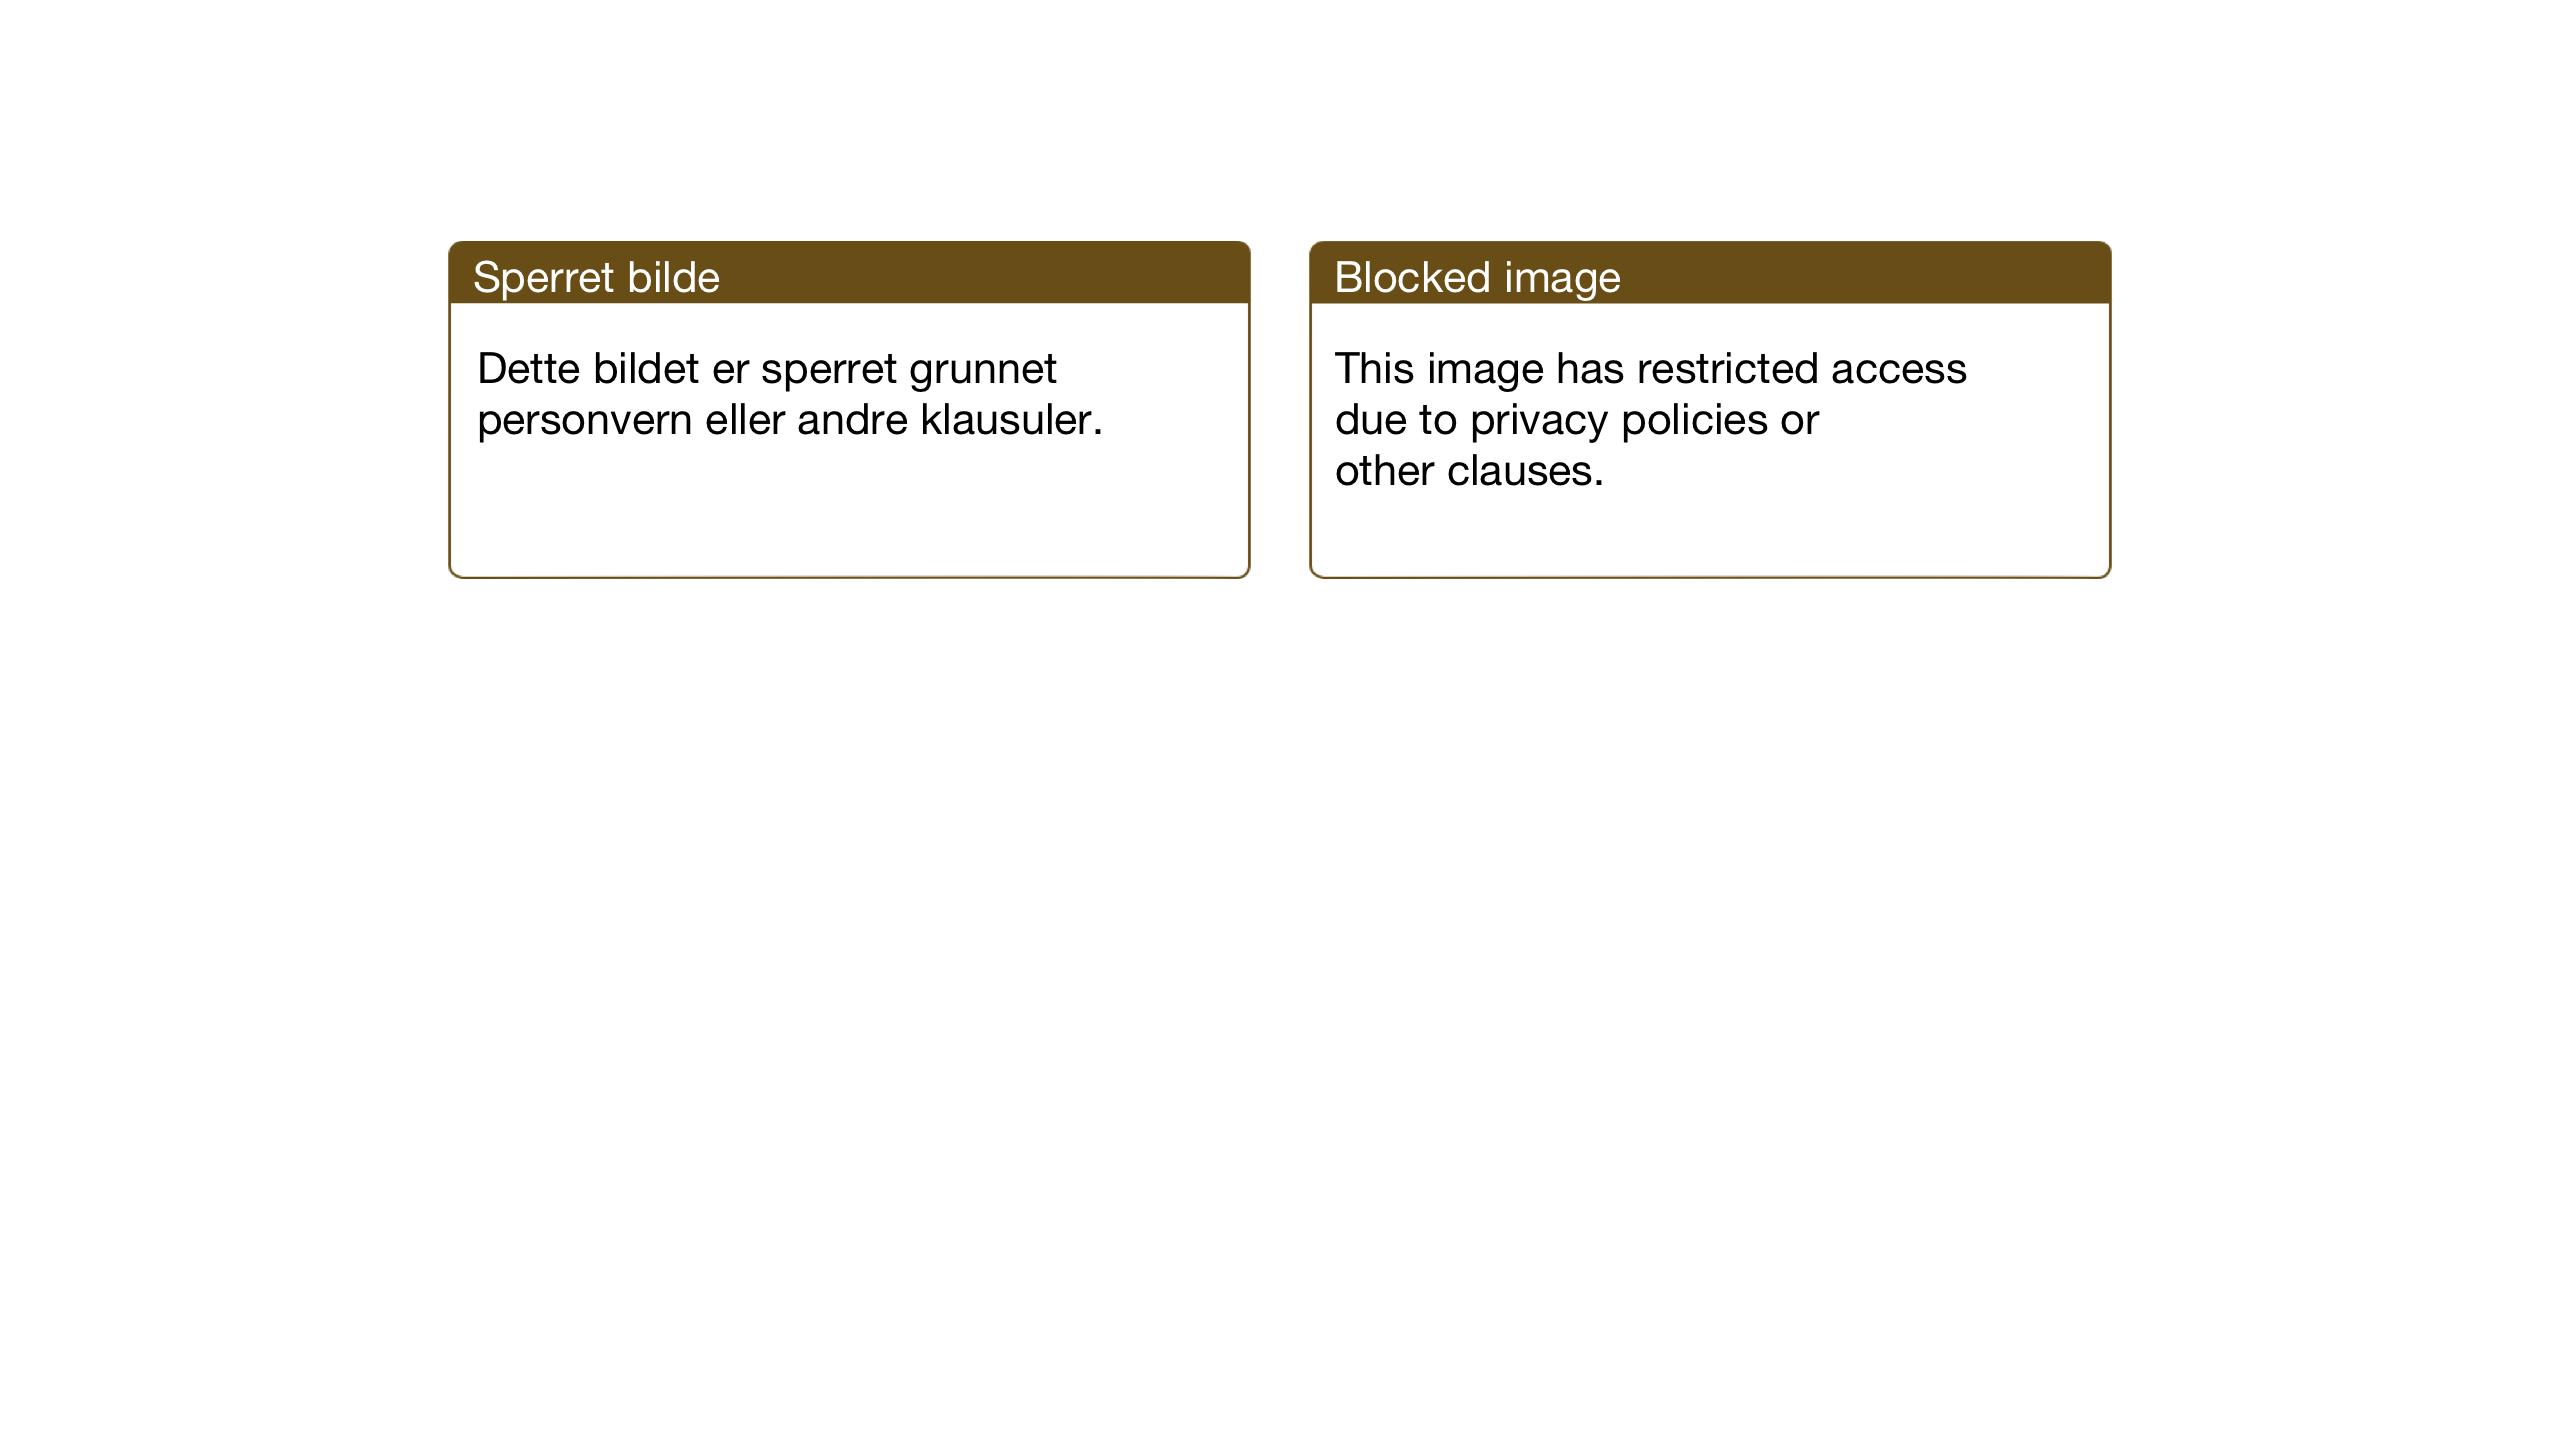 SAT, Ministerialprotokoller, klokkerbøker og fødselsregistre - Sør-Trøndelag, 686/L0986: Klokkerbok nr. 686C02, 1933-1950, s. 111